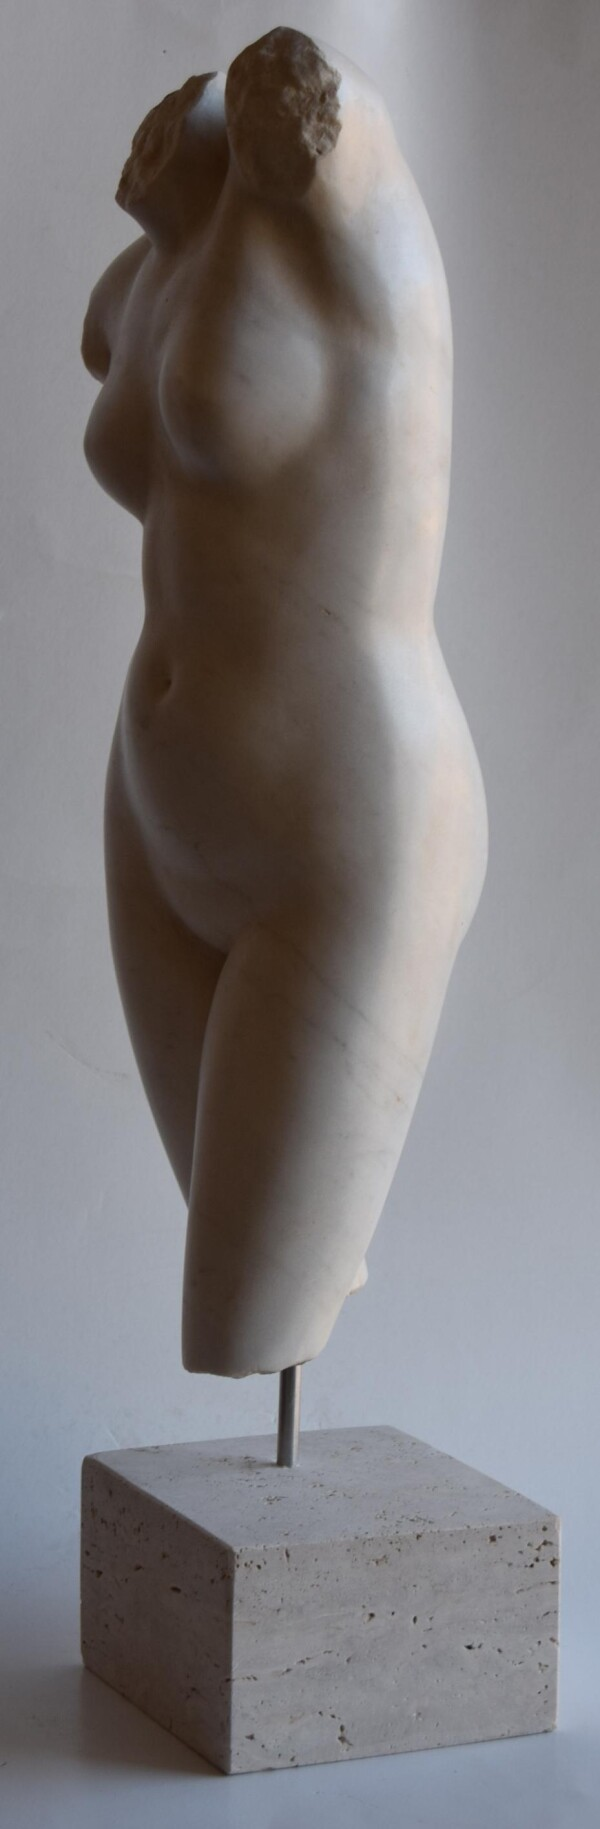 Female Torso-Venus2  in white Carrara marble | Todini- sculture d'arredamento